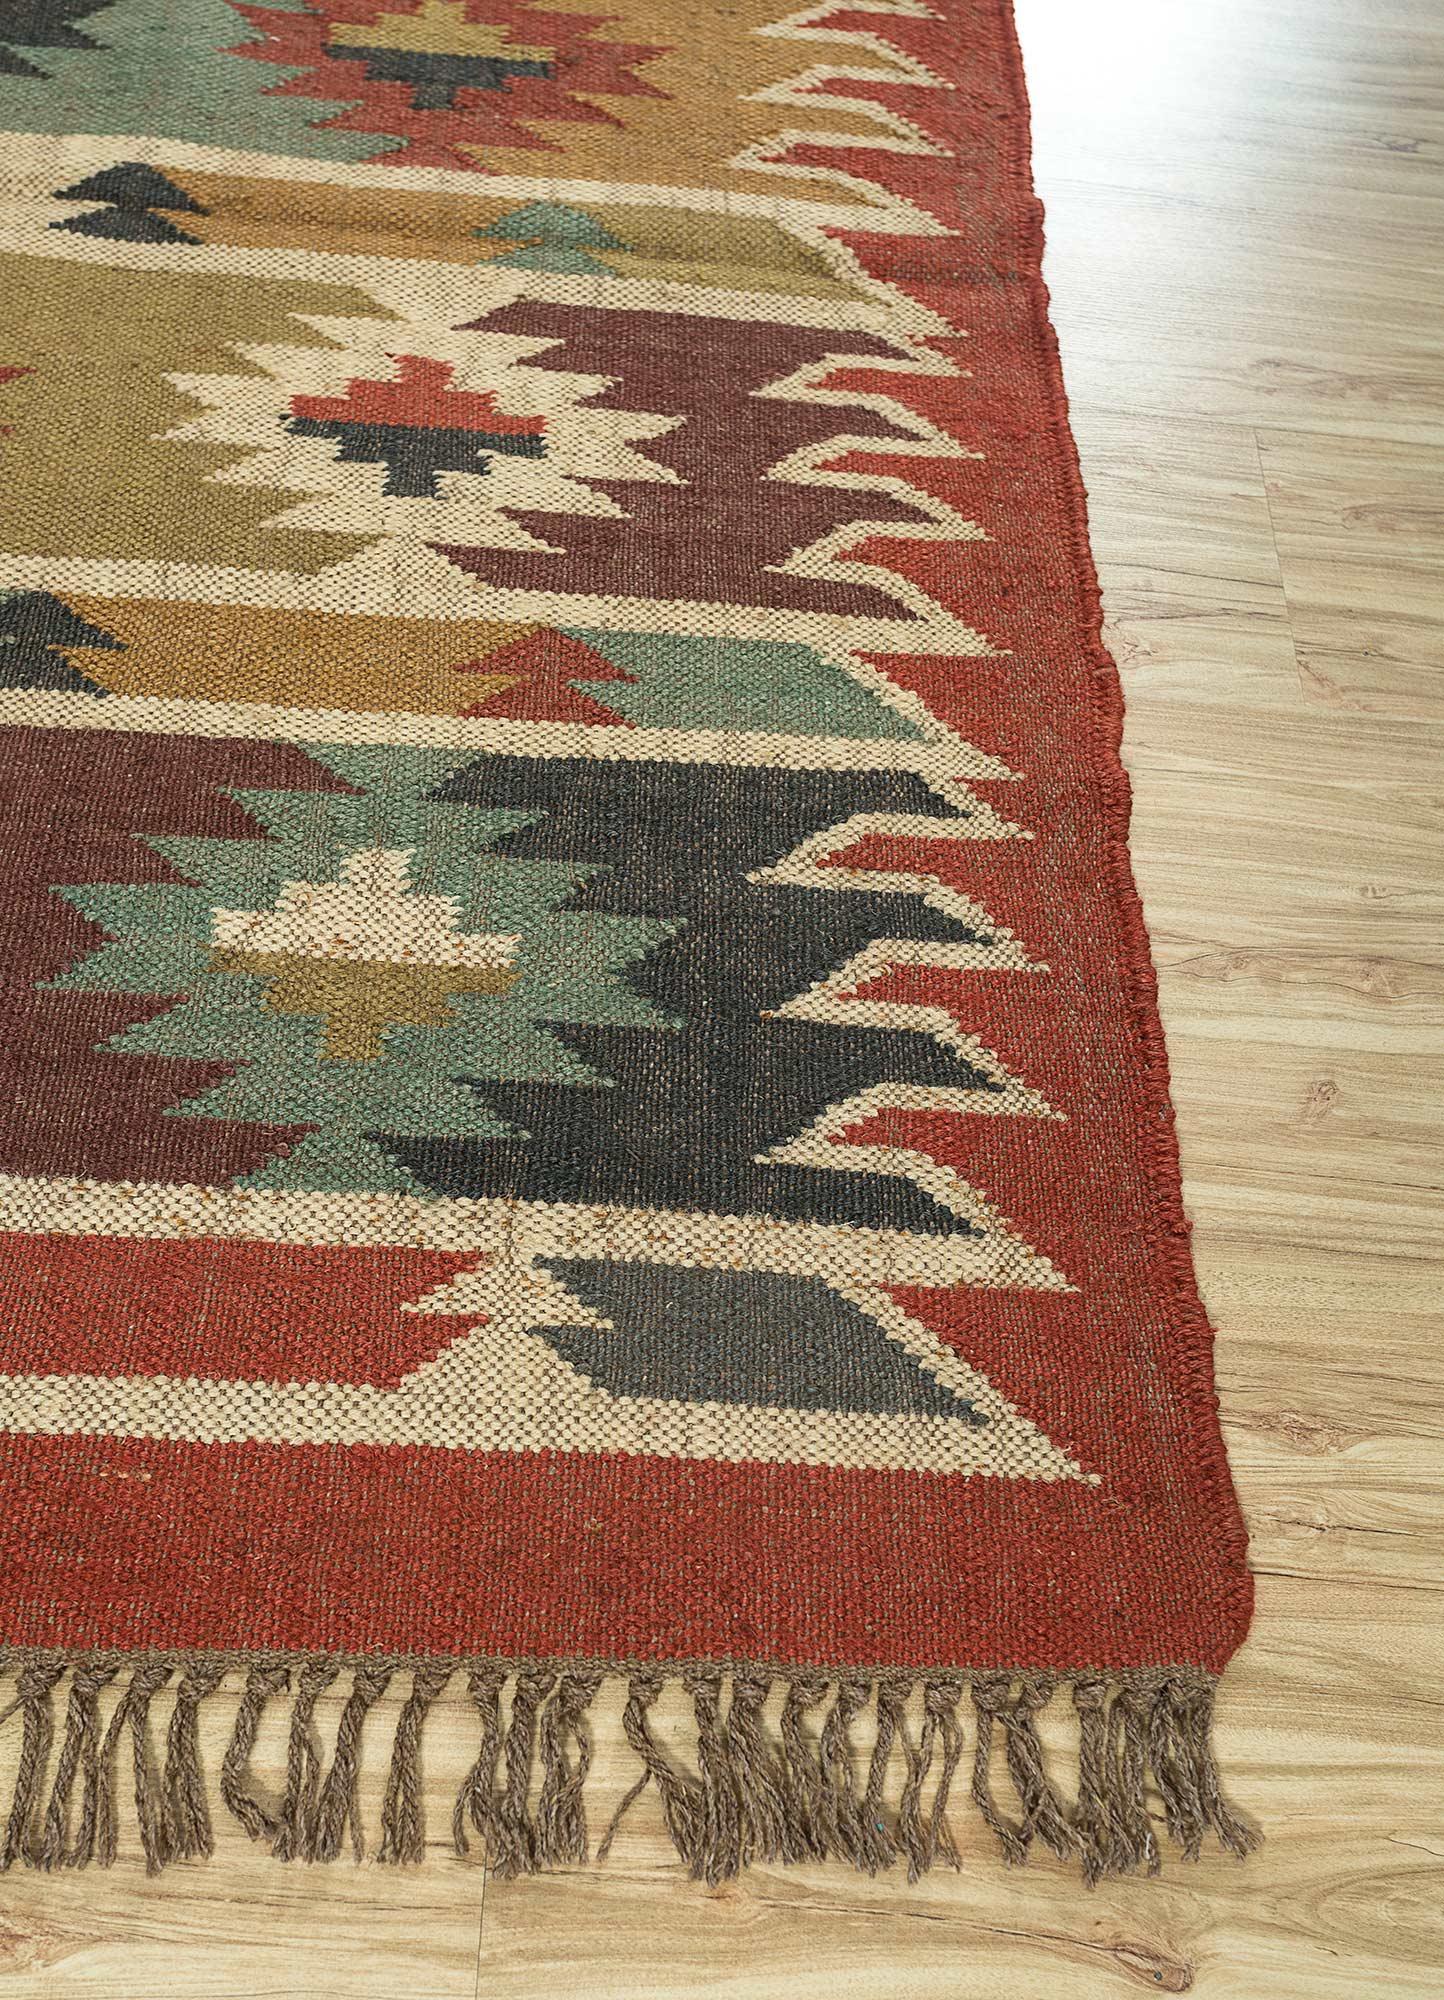 bedouin red and orange jute and hemp jute rugs Rug - Corner